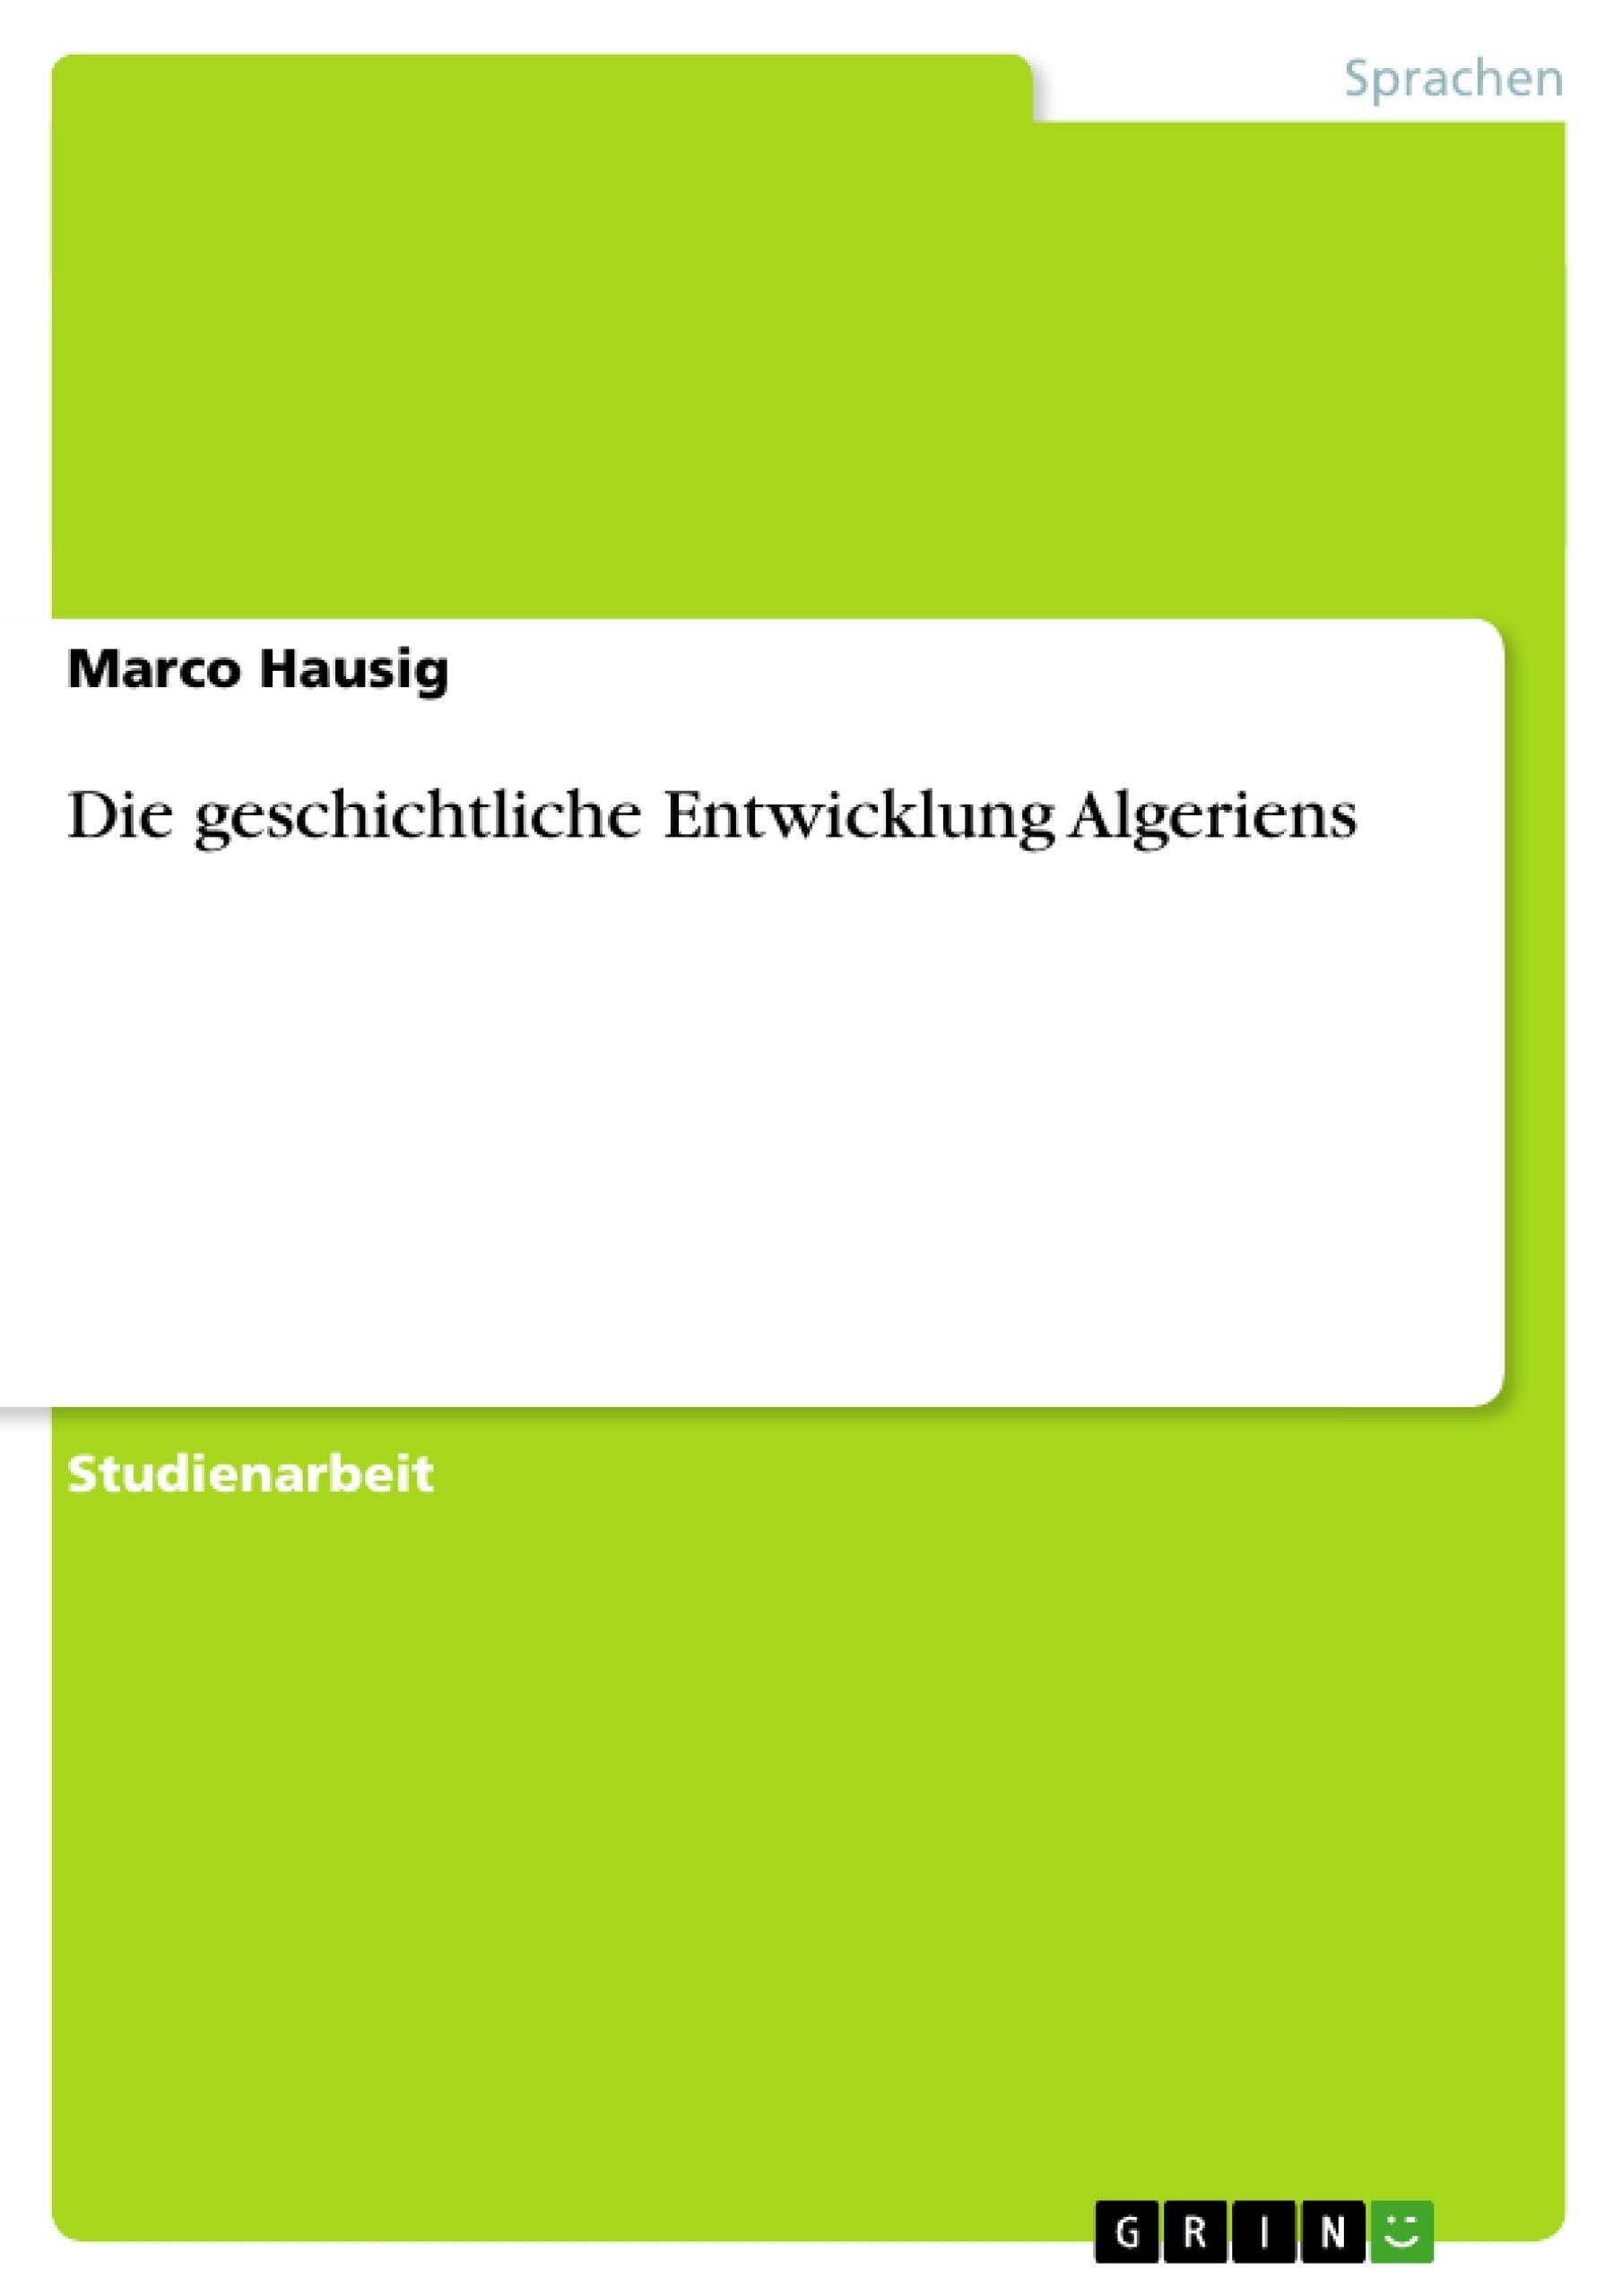 Titel: Die geschichtliche Entwicklung Algeriens